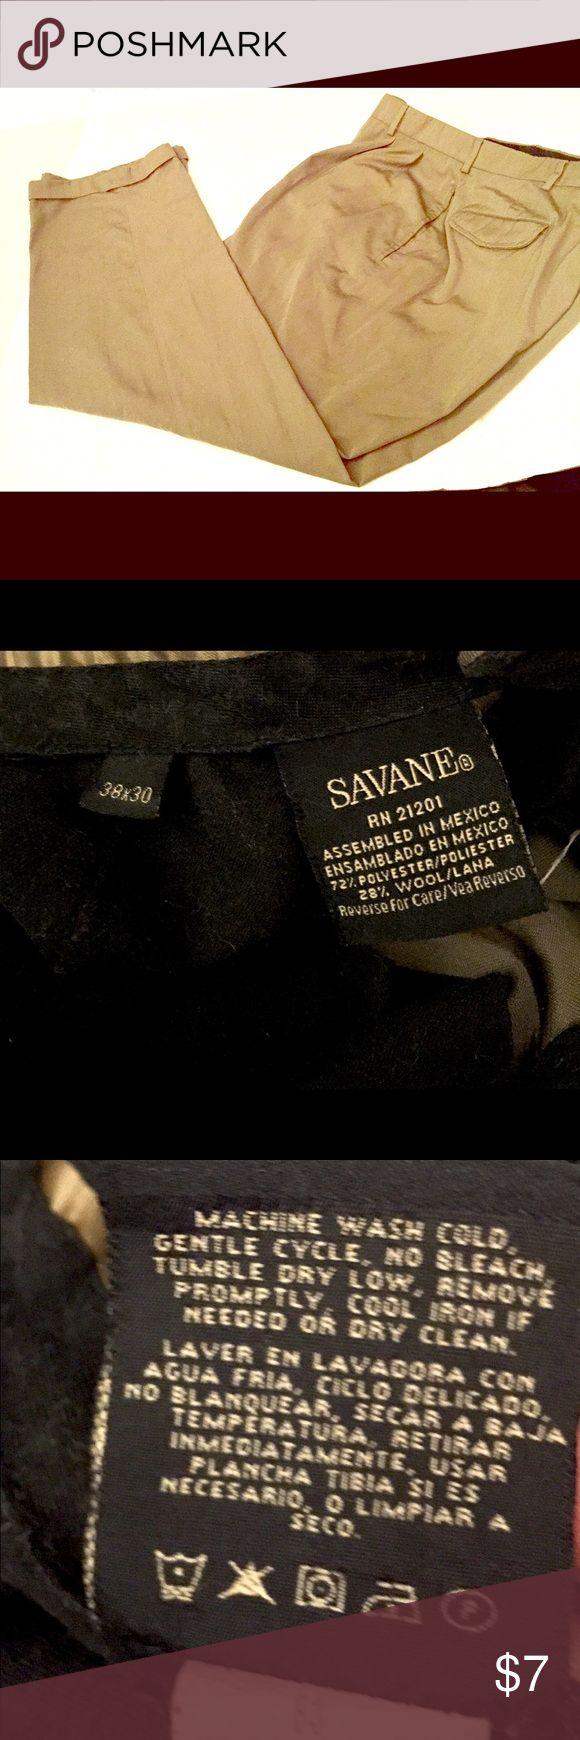 Men's office work pants📌📎 Used work pants in good shape 👨🏻💻38x30 savane Pants Dress